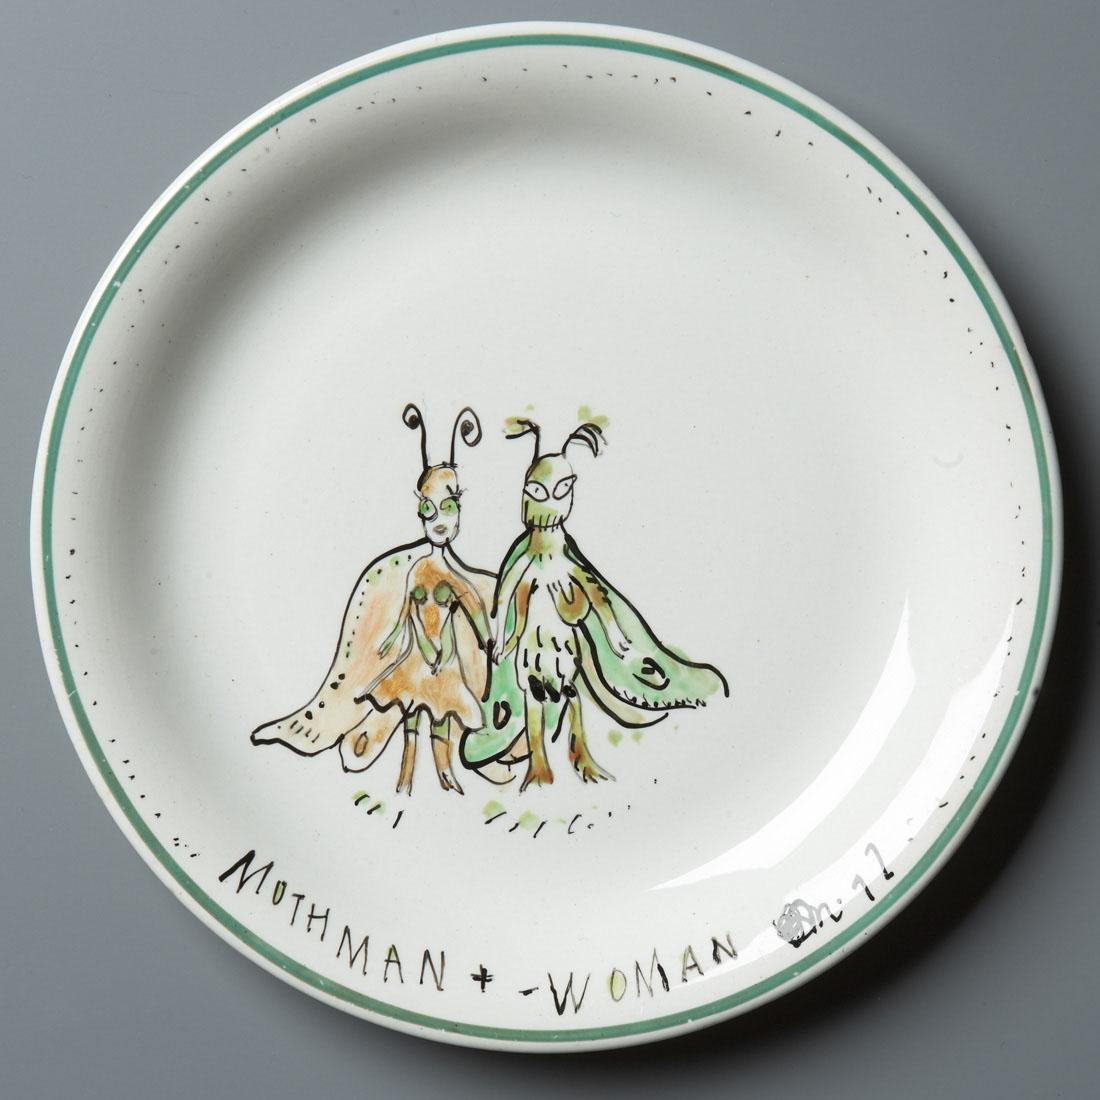 mothman+woman